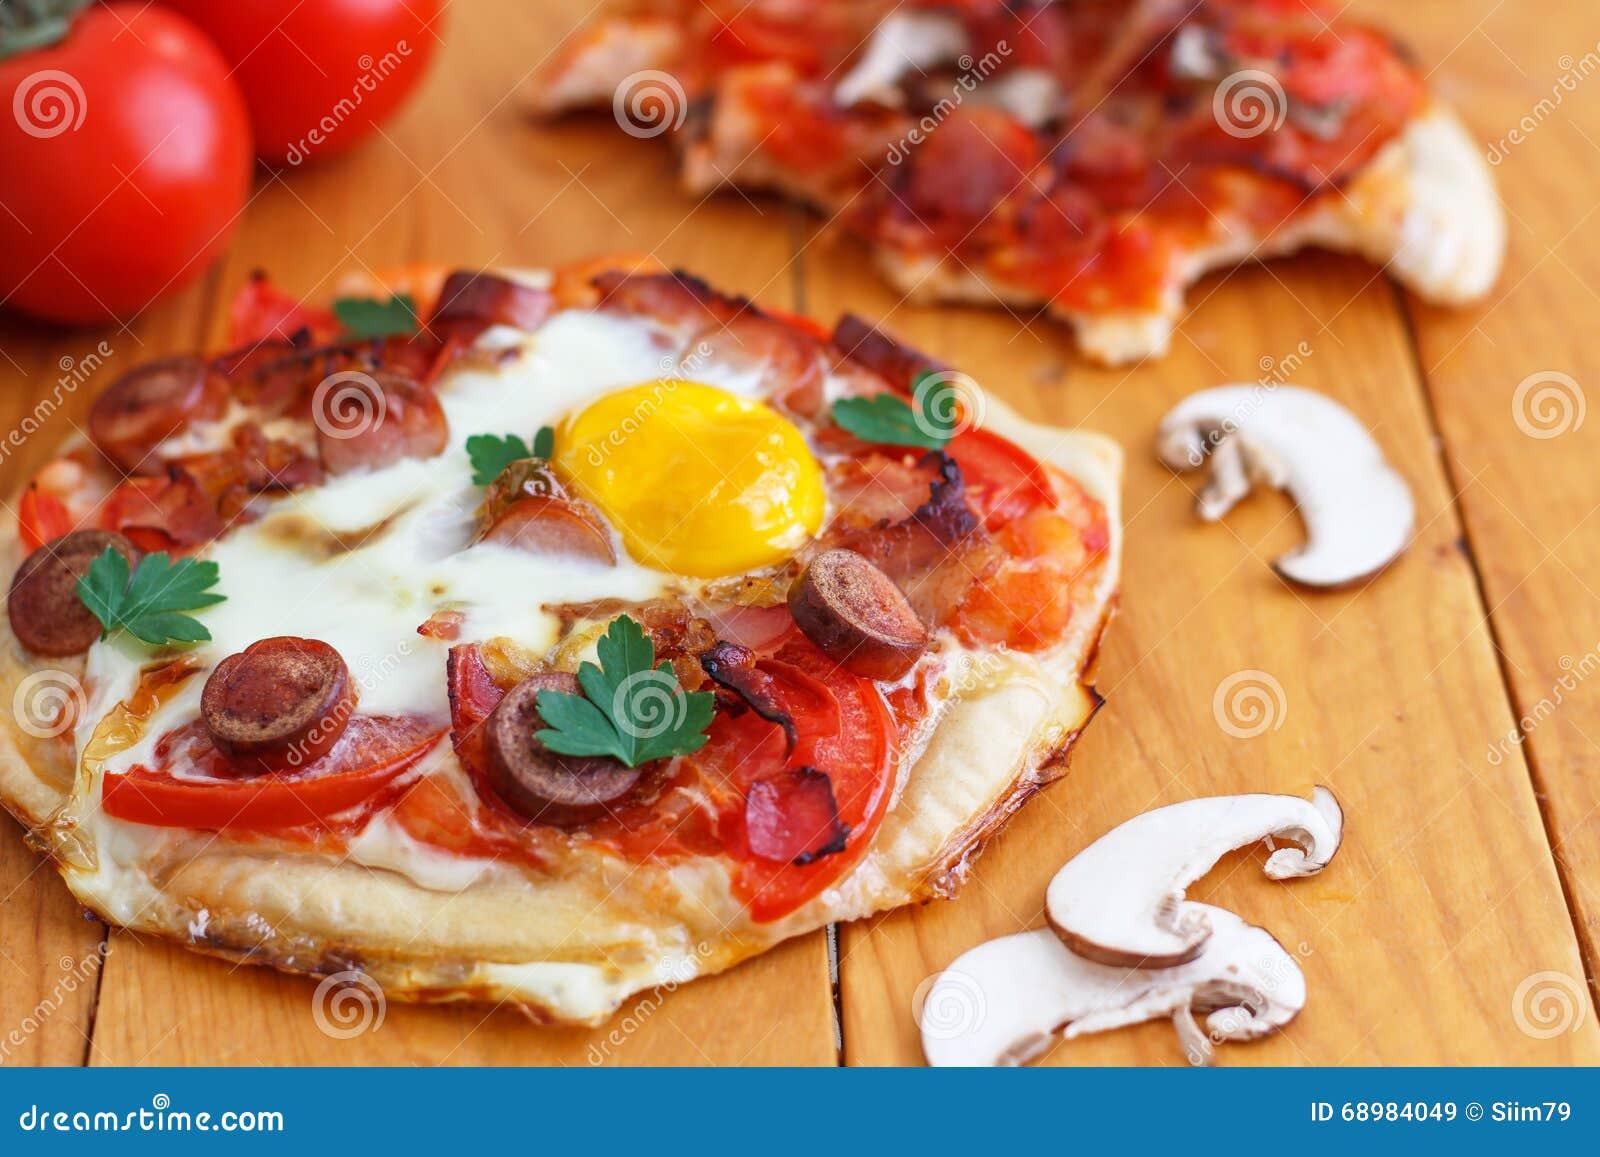 Μίνι σπιτική πίτσα προγευμάτων